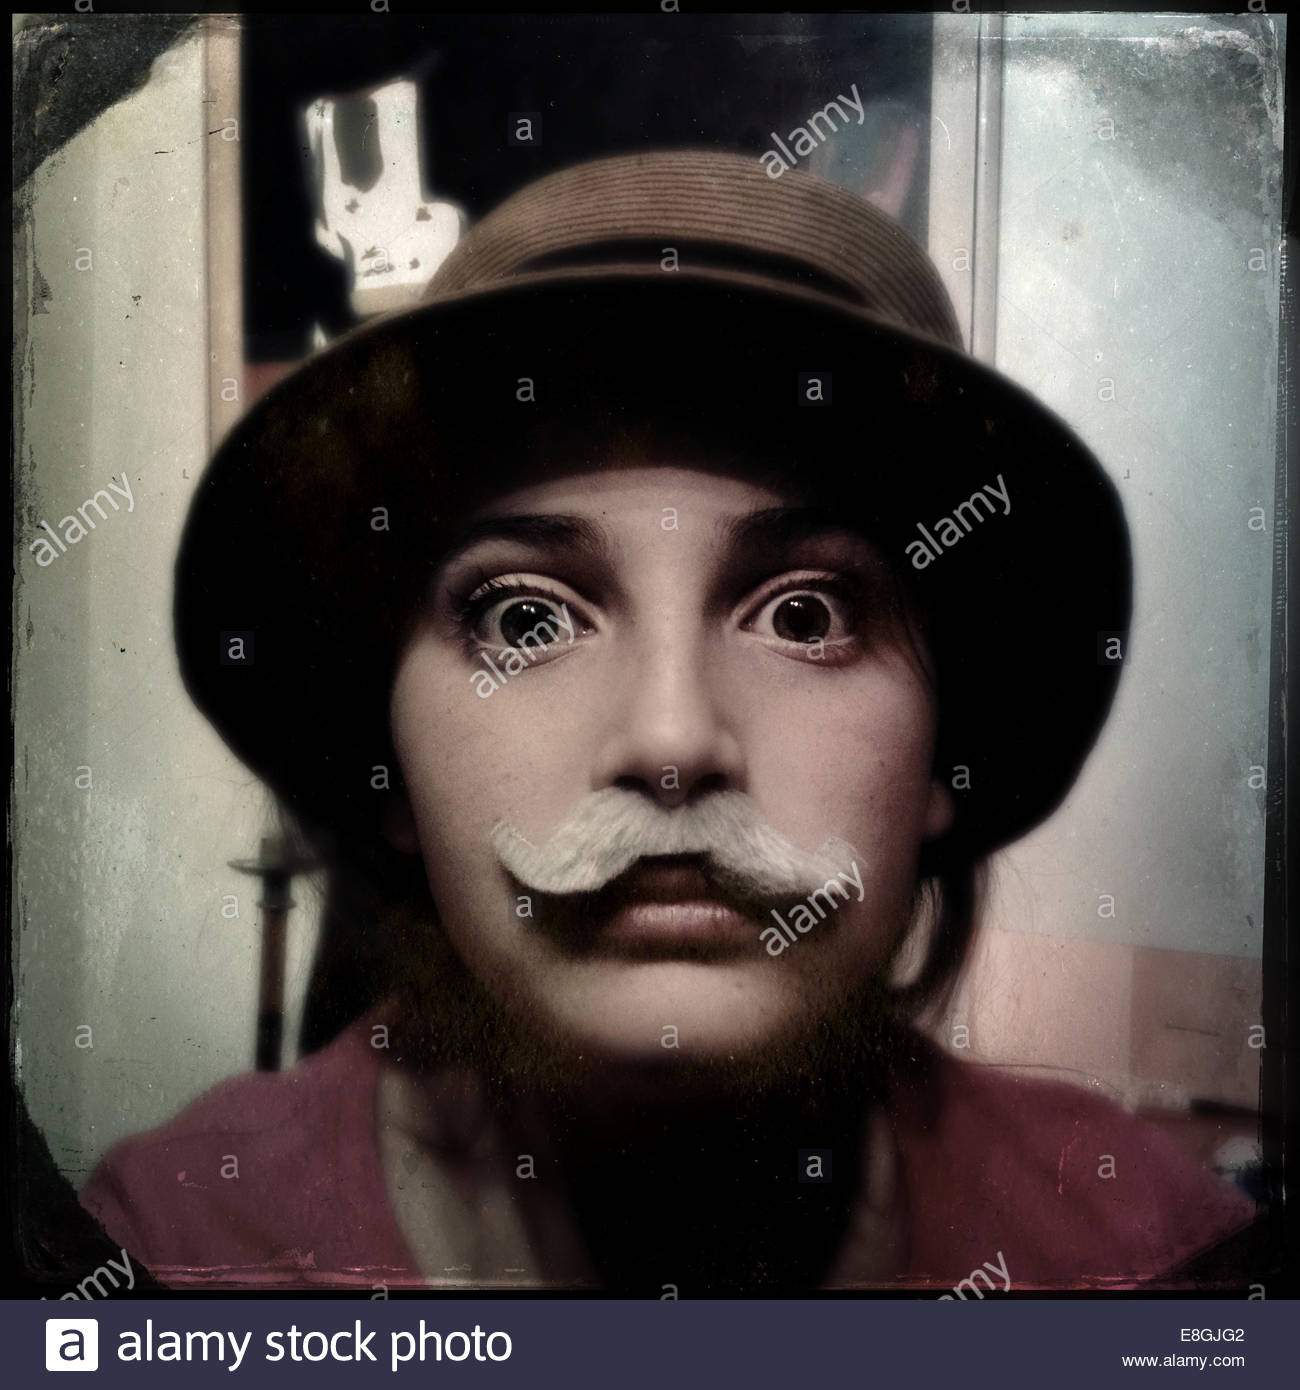 Retrato de una niña con bigote y sombrero Foto de stock